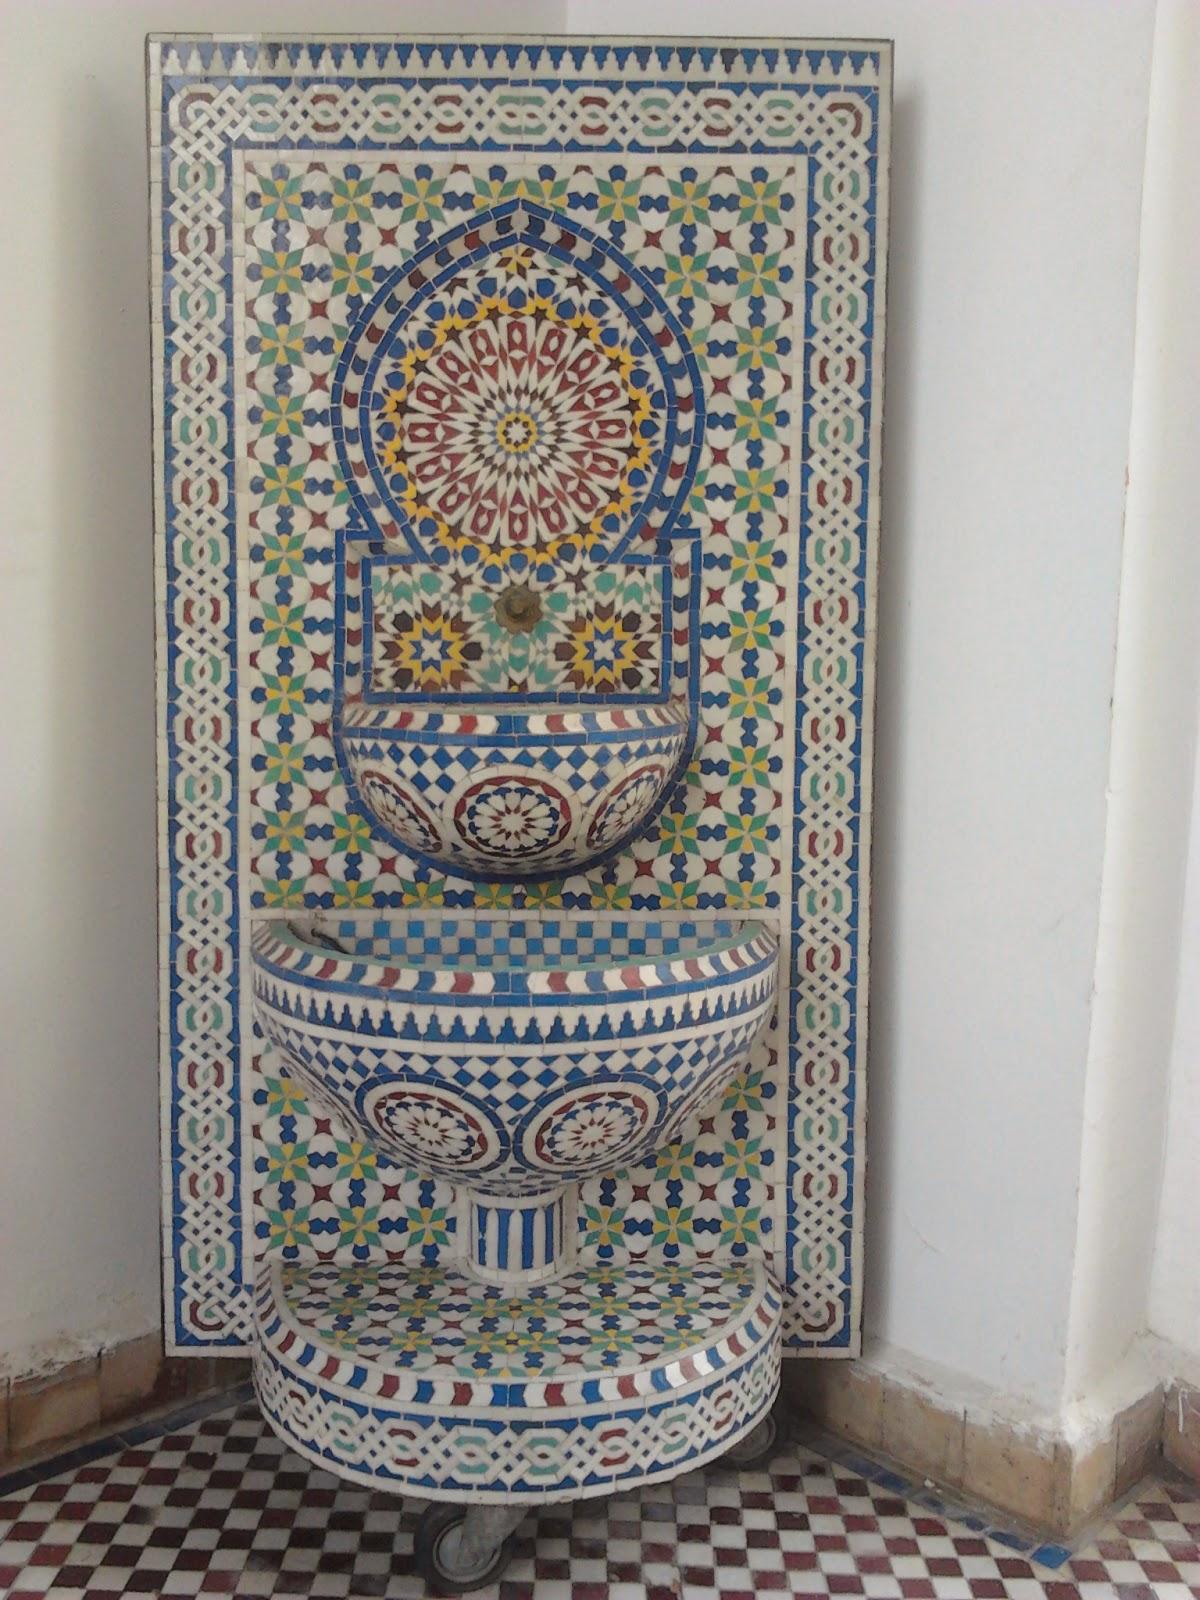 fontaine murale avec zellige de fes 1 20h 0 80l 750euro plane te artisanat. Black Bedroom Furniture Sets. Home Design Ideas